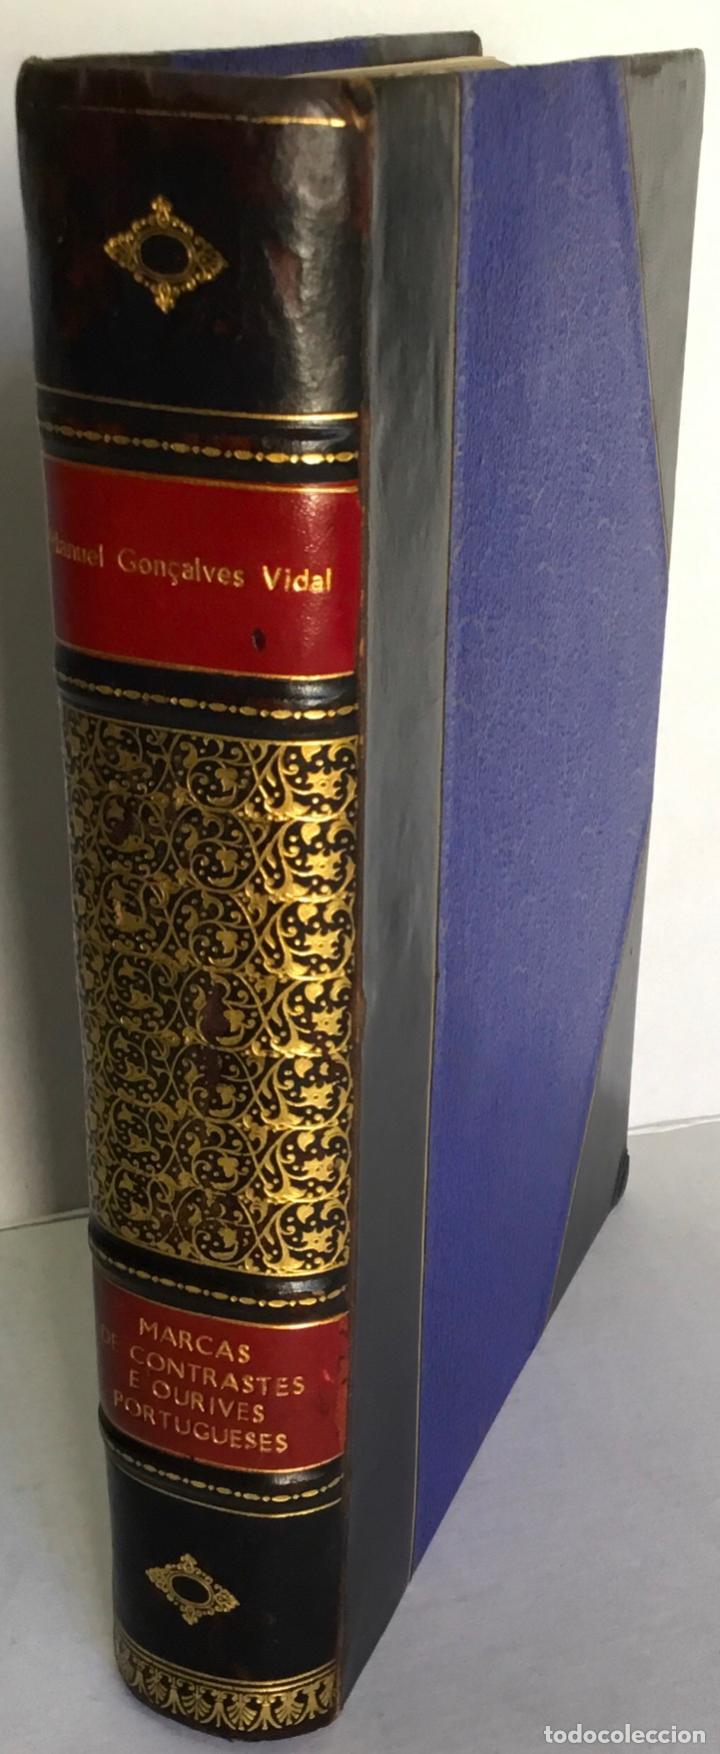 Libros antiguos: MARCAS DE CONTRASTES E OURIVES PORTUGUESES DESDE O SÉCULO XV A 1950. - GONÇALVES VIDAL, Manuel. - Foto 2 - 123196152